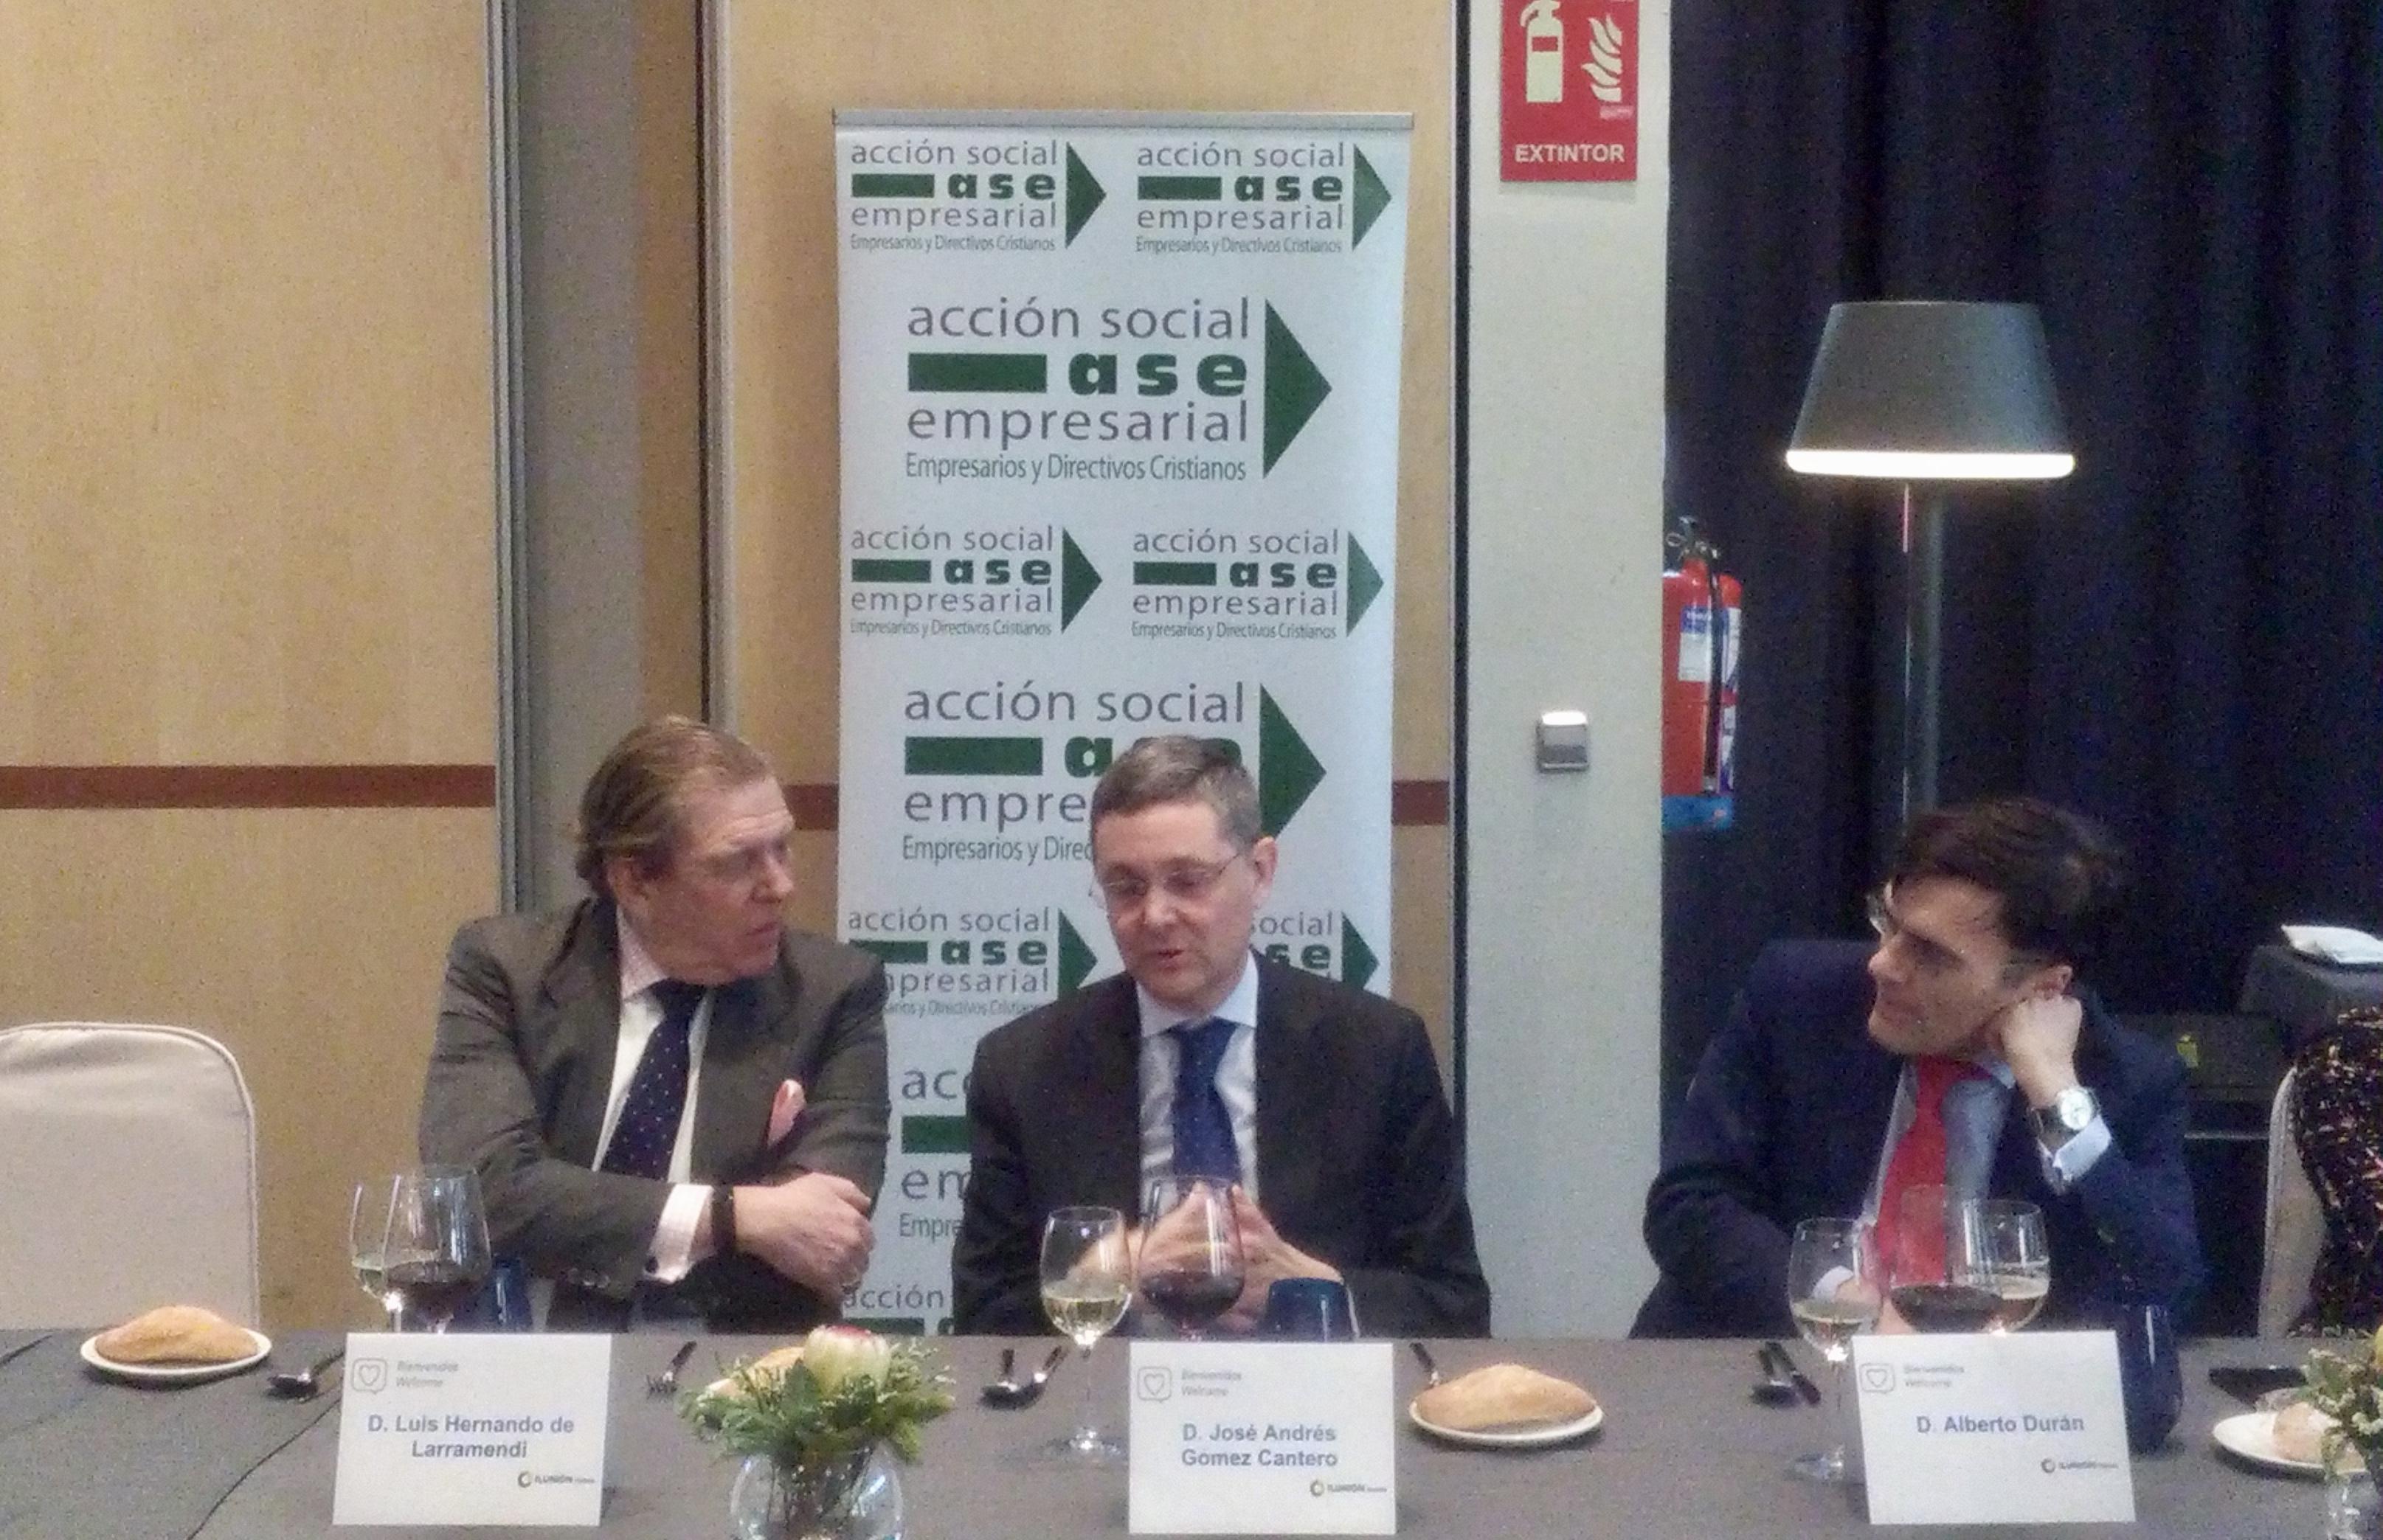 D. Luis H. de Larramendi, derecha, D. José Andrés Gómez Cantero, centro, D. Alberto Durán, derecha, durante la ponencia